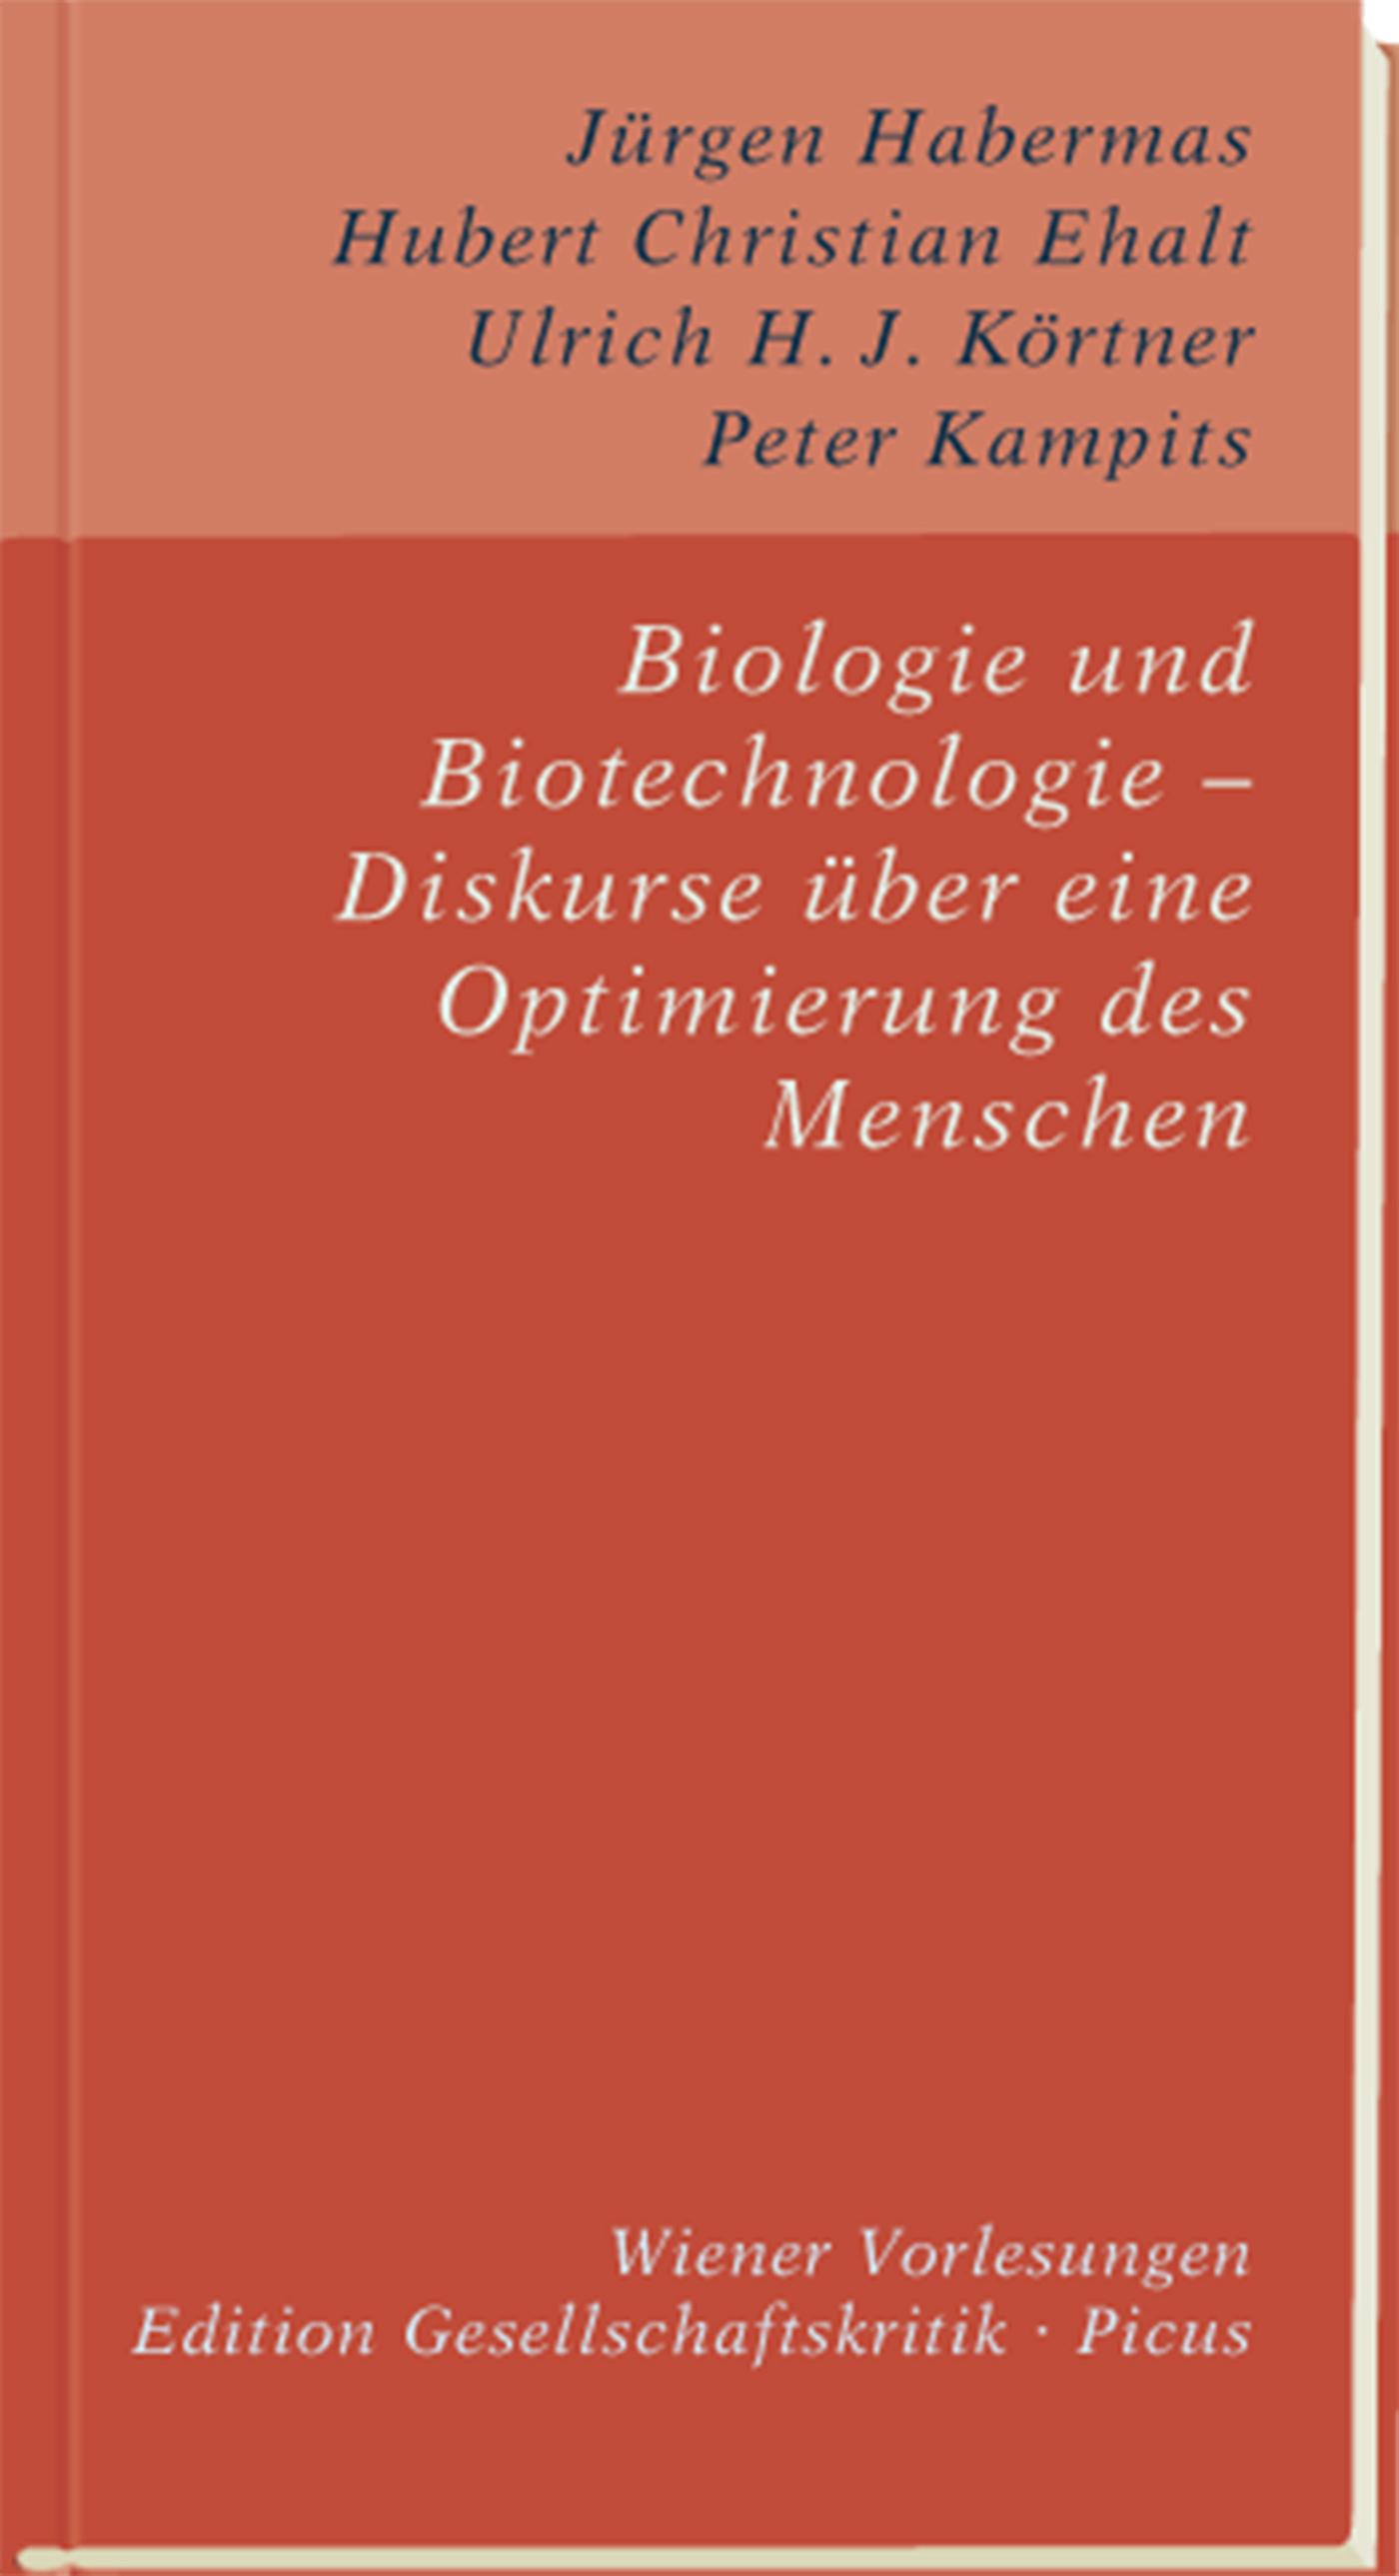 Jürgen Habermas Biologie und Biotechnologie – Diskurse über eine Optimierung des Menschen jürgen habermas rzecz o kondycji i ustroju europy